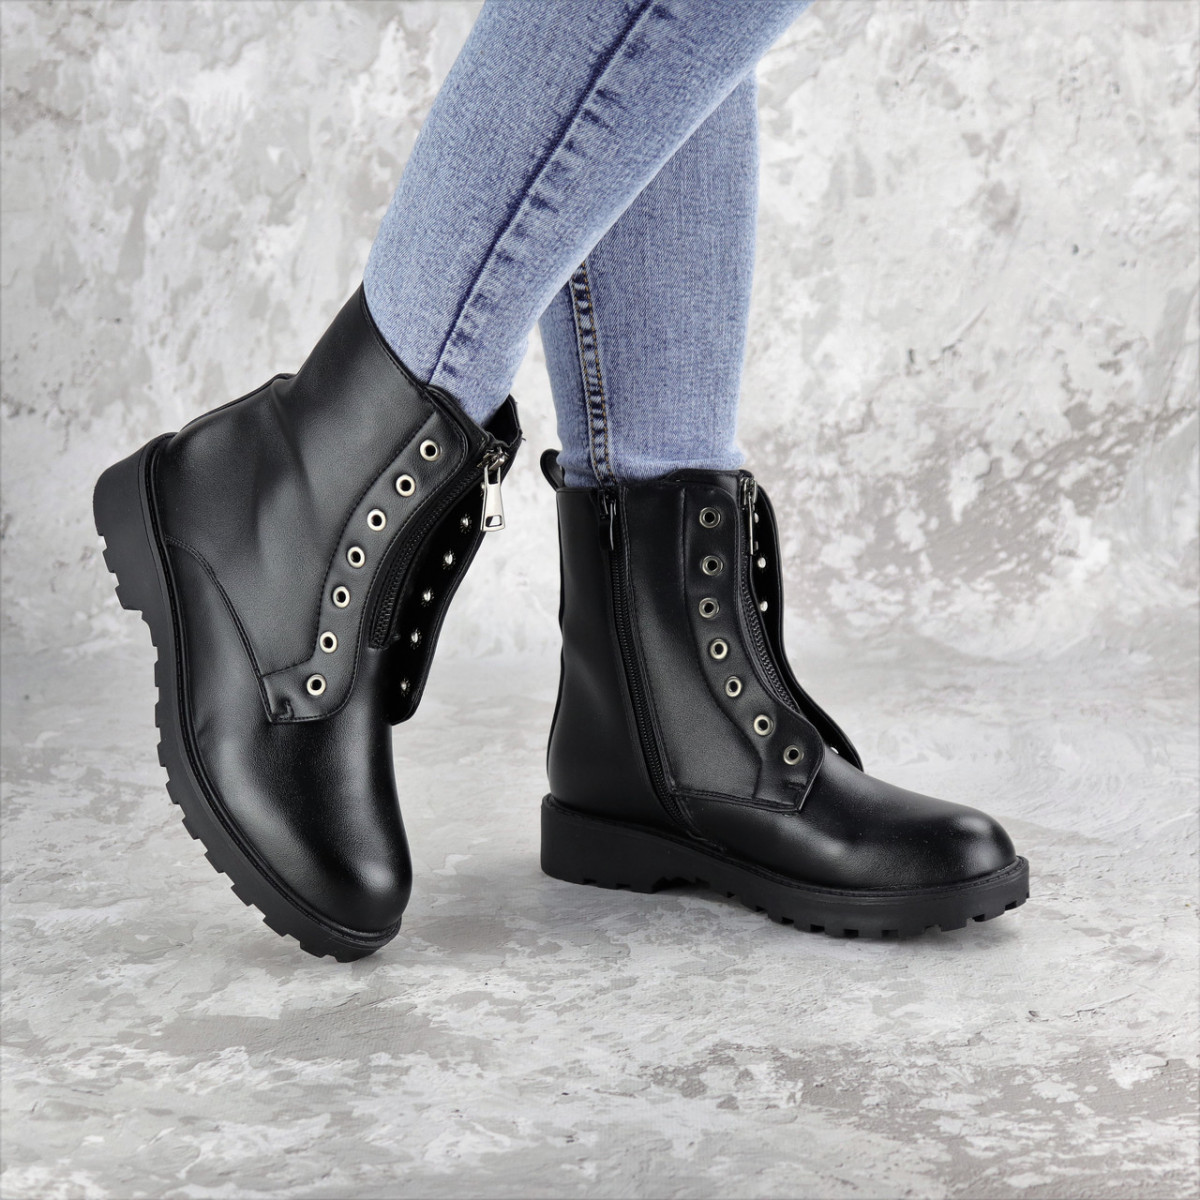 Ботинки женские Fashion Briz 2288 36 размер 23,5 см Черный